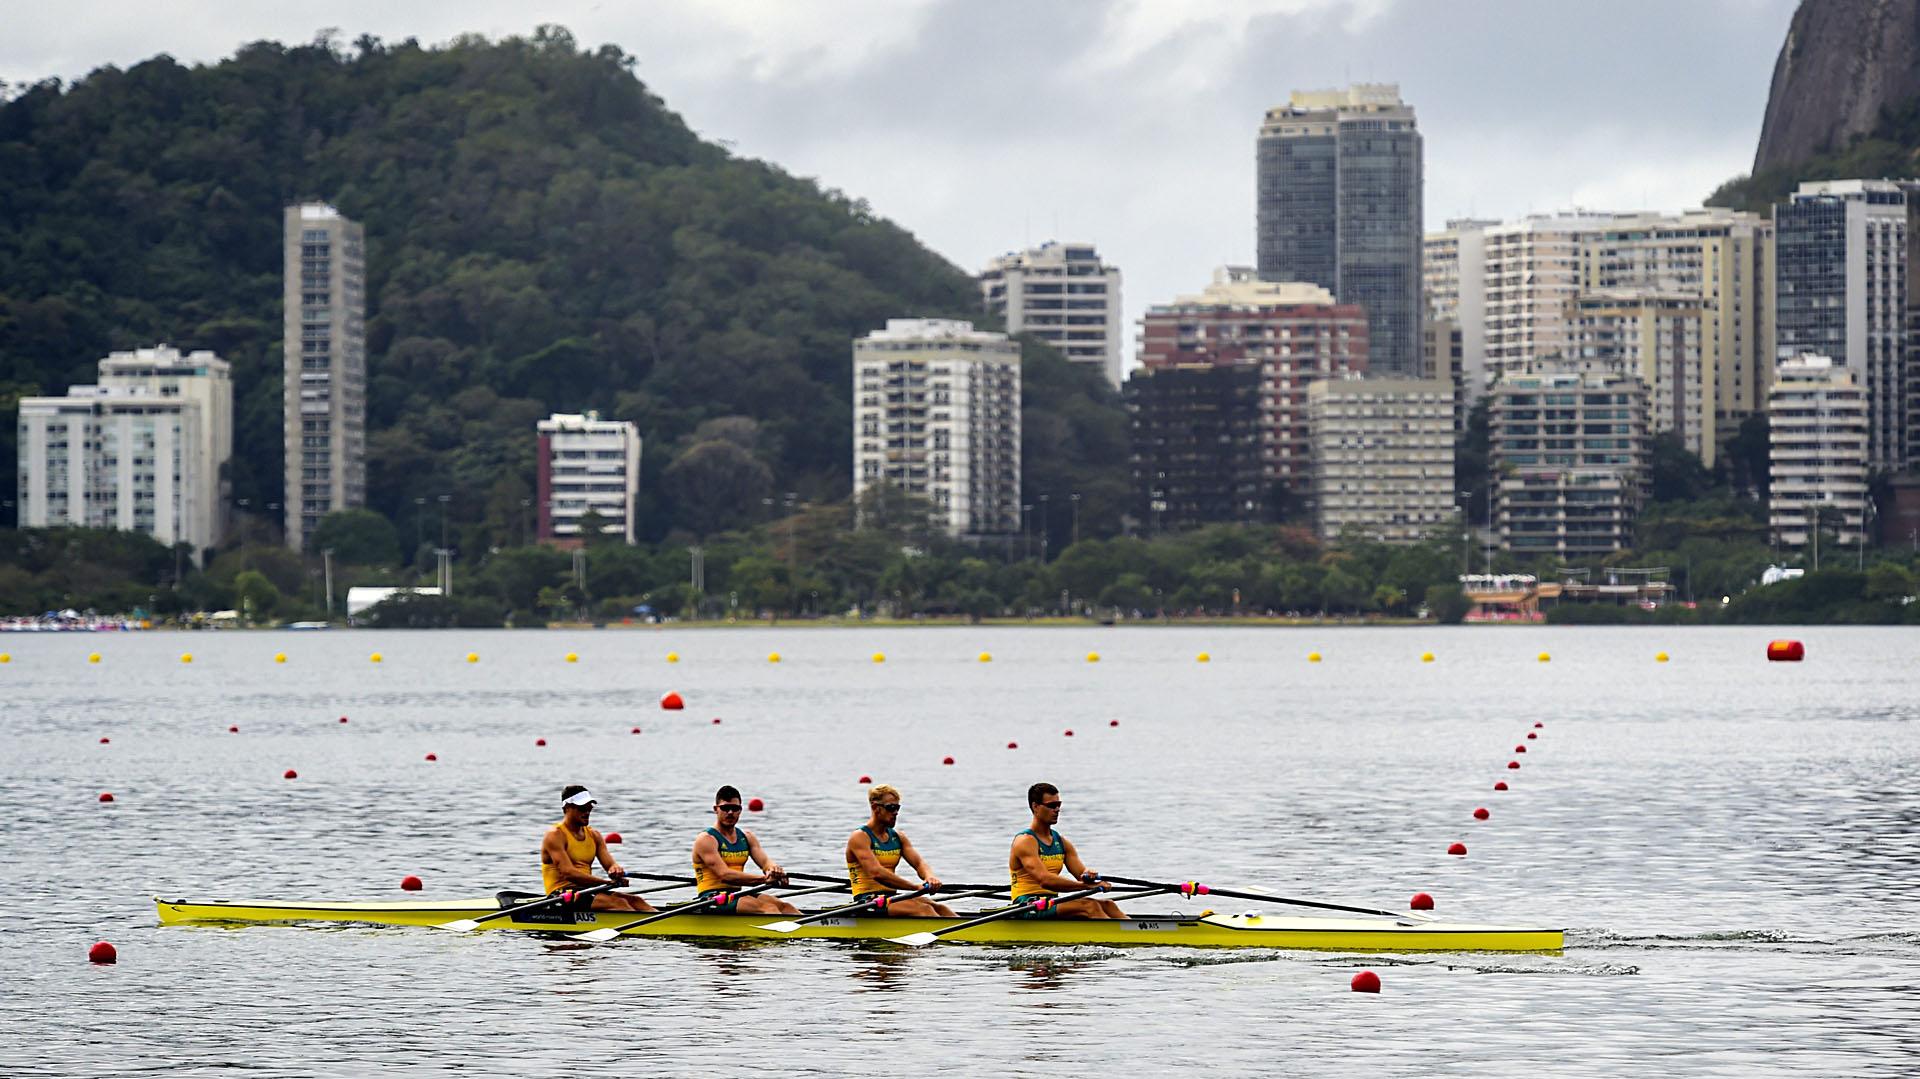 El equipo australiano de remo durante una sesión de entrenamiento en la laguna Rodrigo de Freitas (EFE)